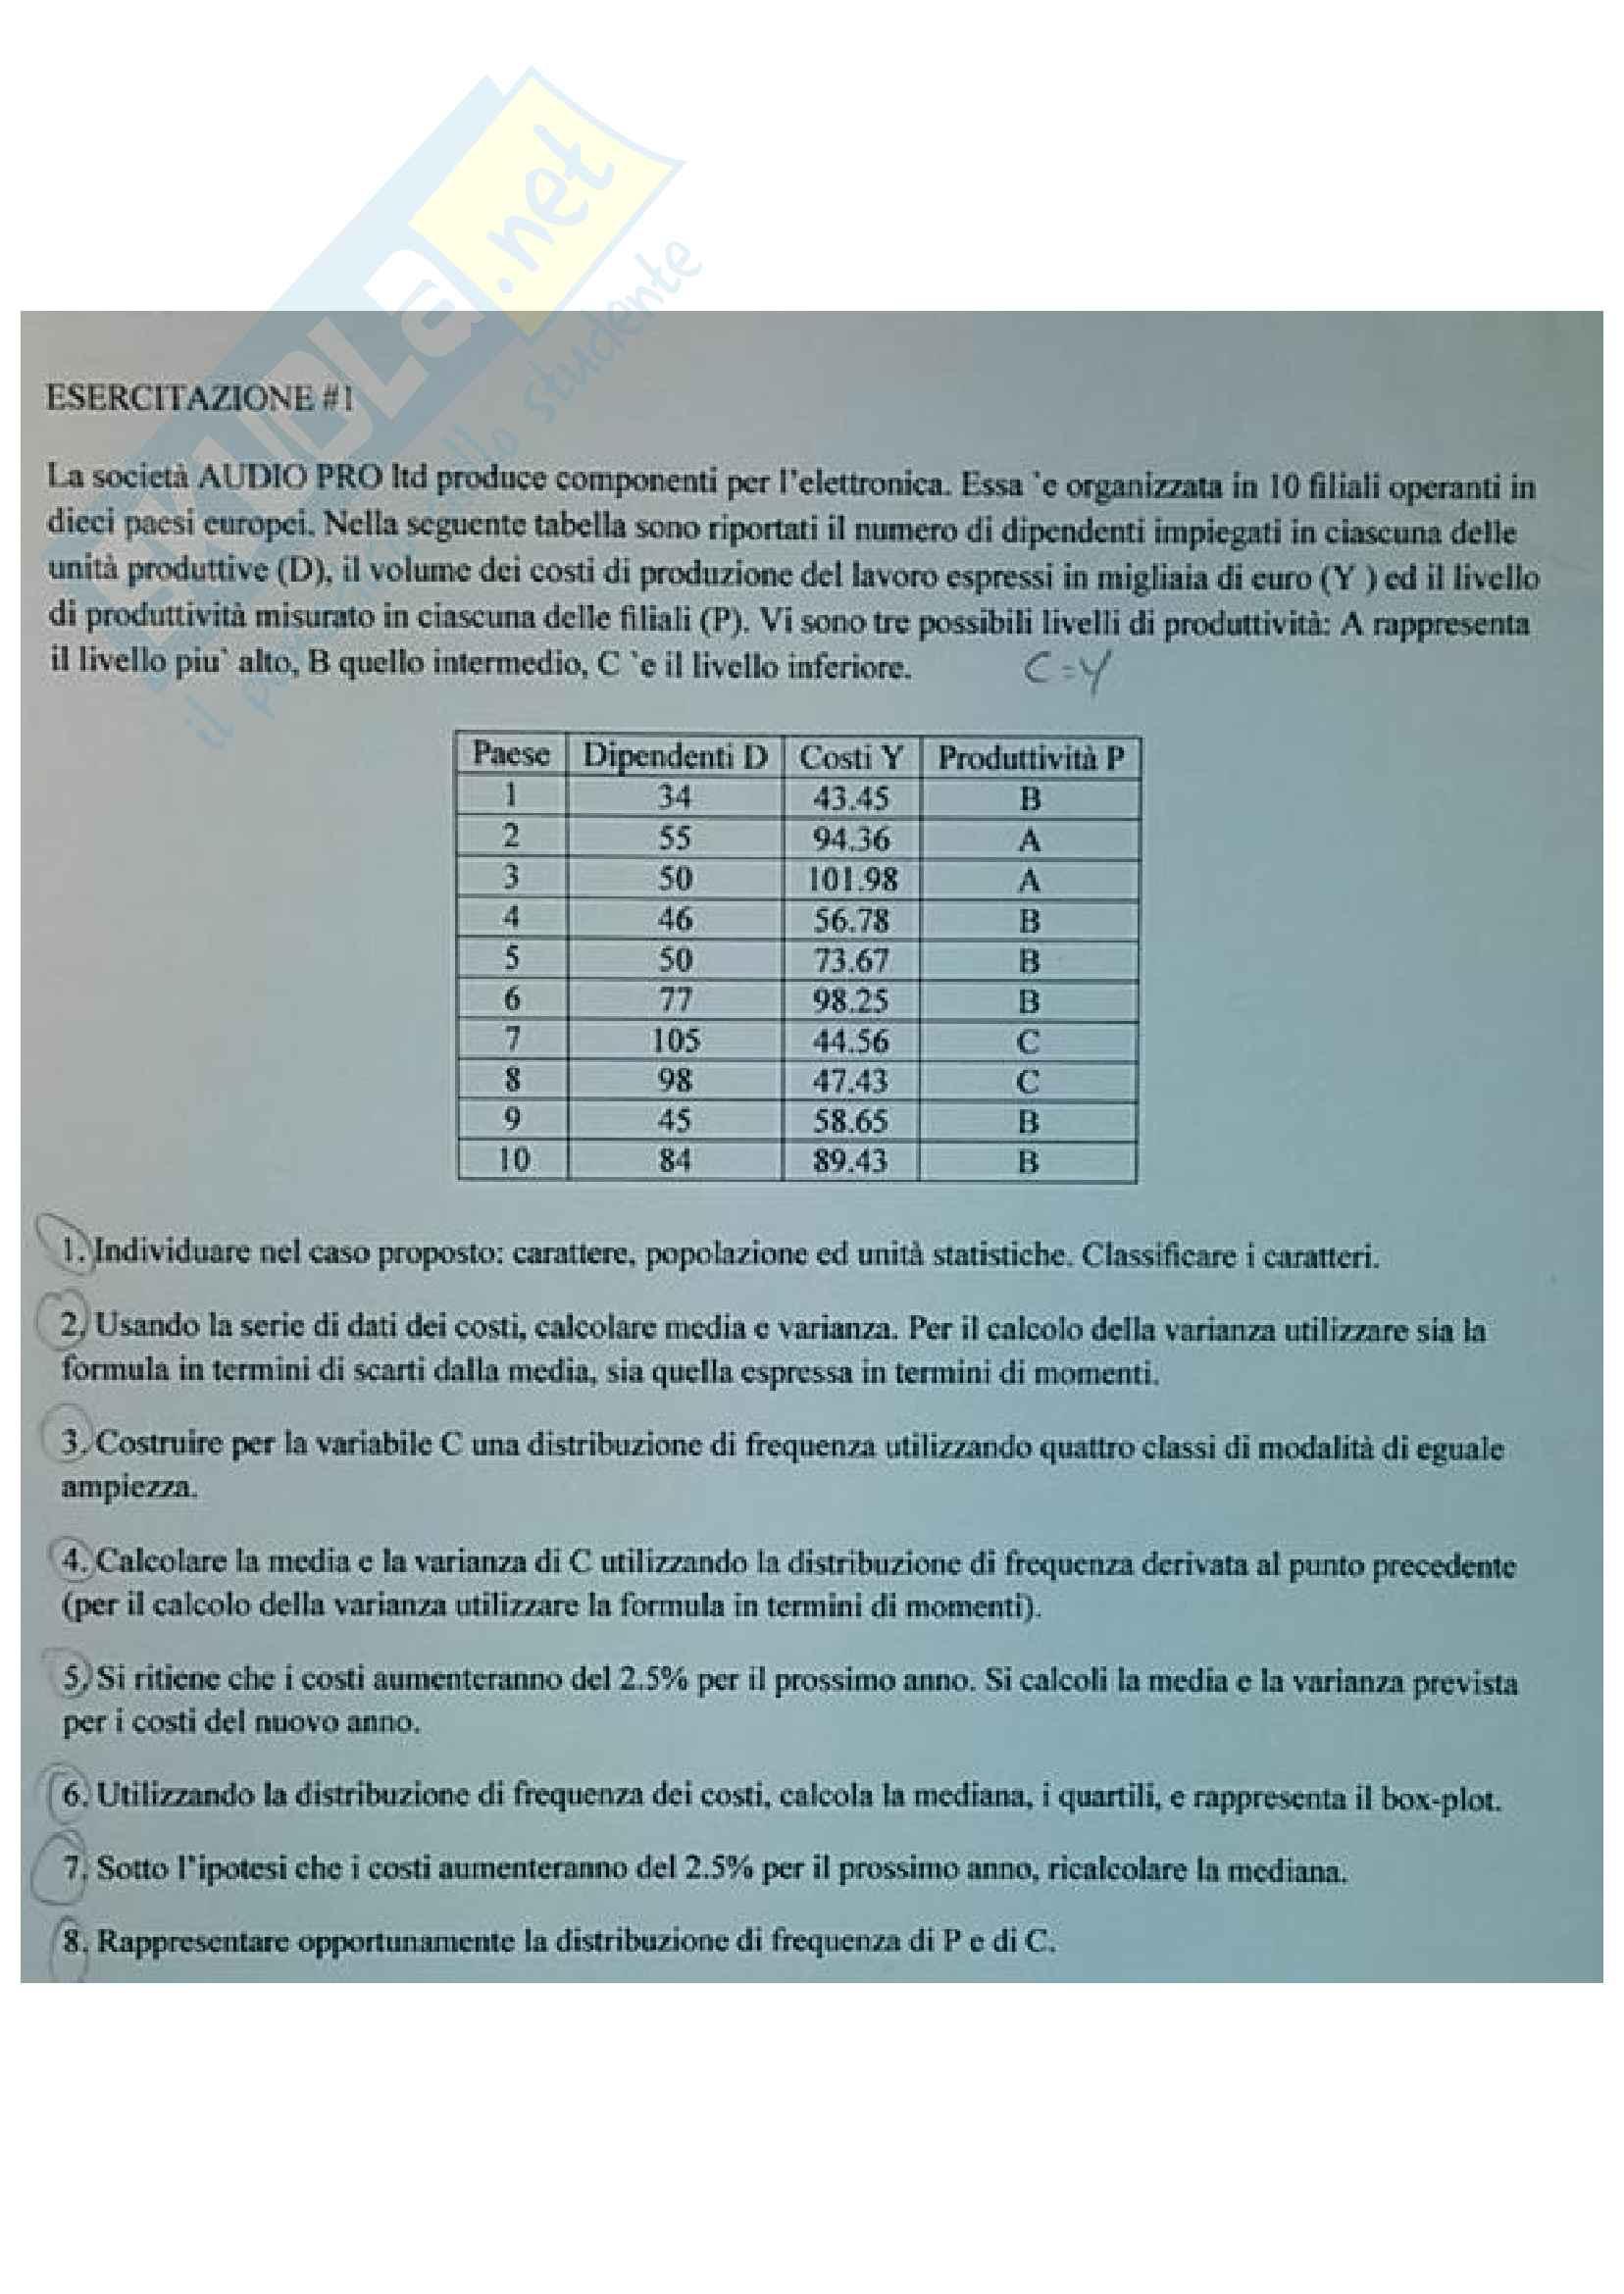 Esercizi di statistica: media, varianza, covarianza, coefficienti di regressione, variabili casuali, correlazione, modello di regressione lineare, probabilità, test delle ipotesi